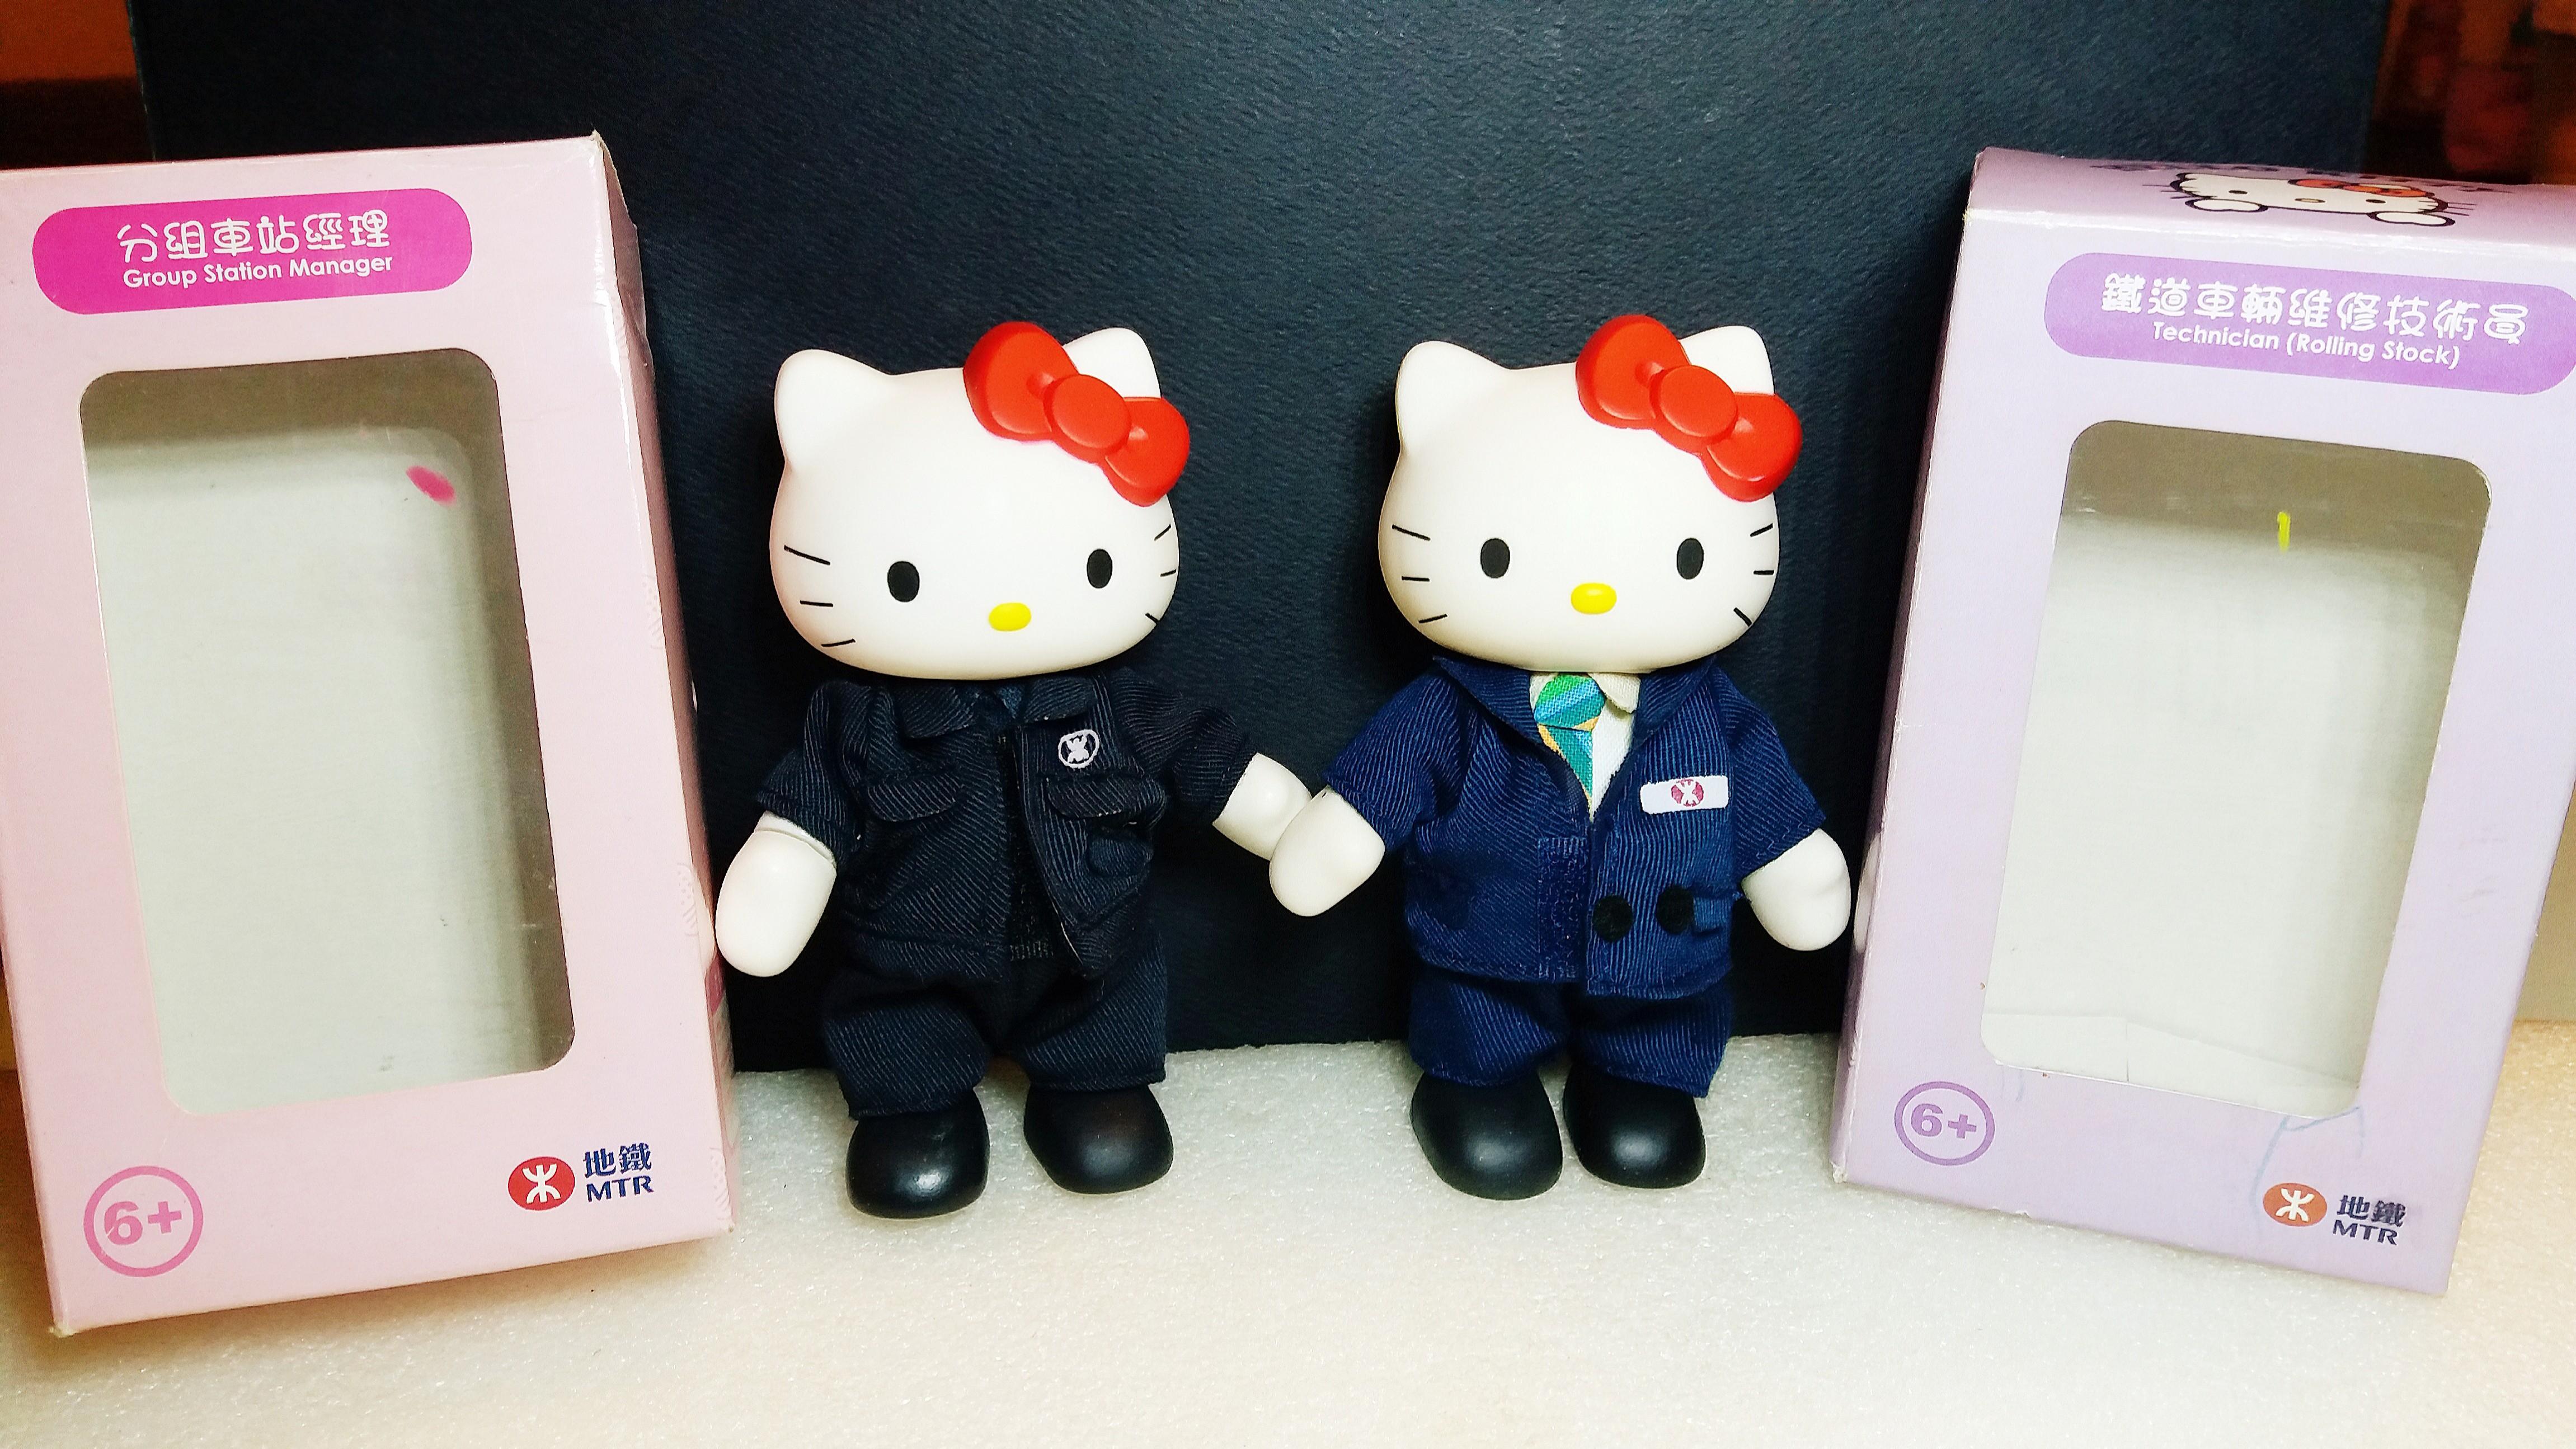 全新中古:Hello Kitty,MTR系列,超過12年,保存良好,全部$128,不散不議,有意pm。